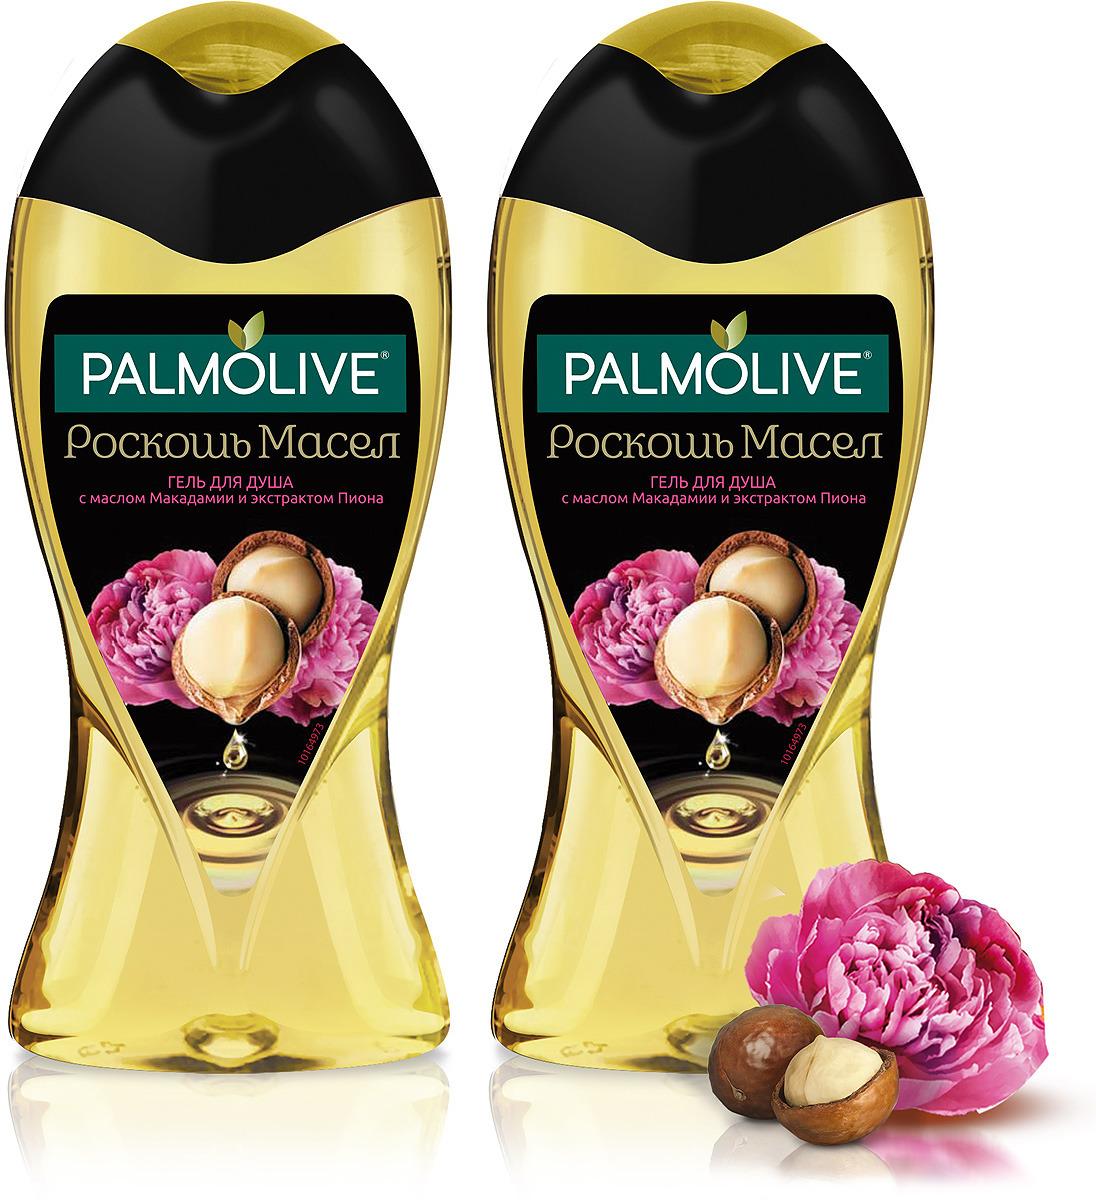 Гель для душа Palmolive Роскошь масел, с маслом макадамии и экстрактом пиона, 250 мл, 2 шт подарочный набор для женщин palmolive роскошь масел с маслом макадамии